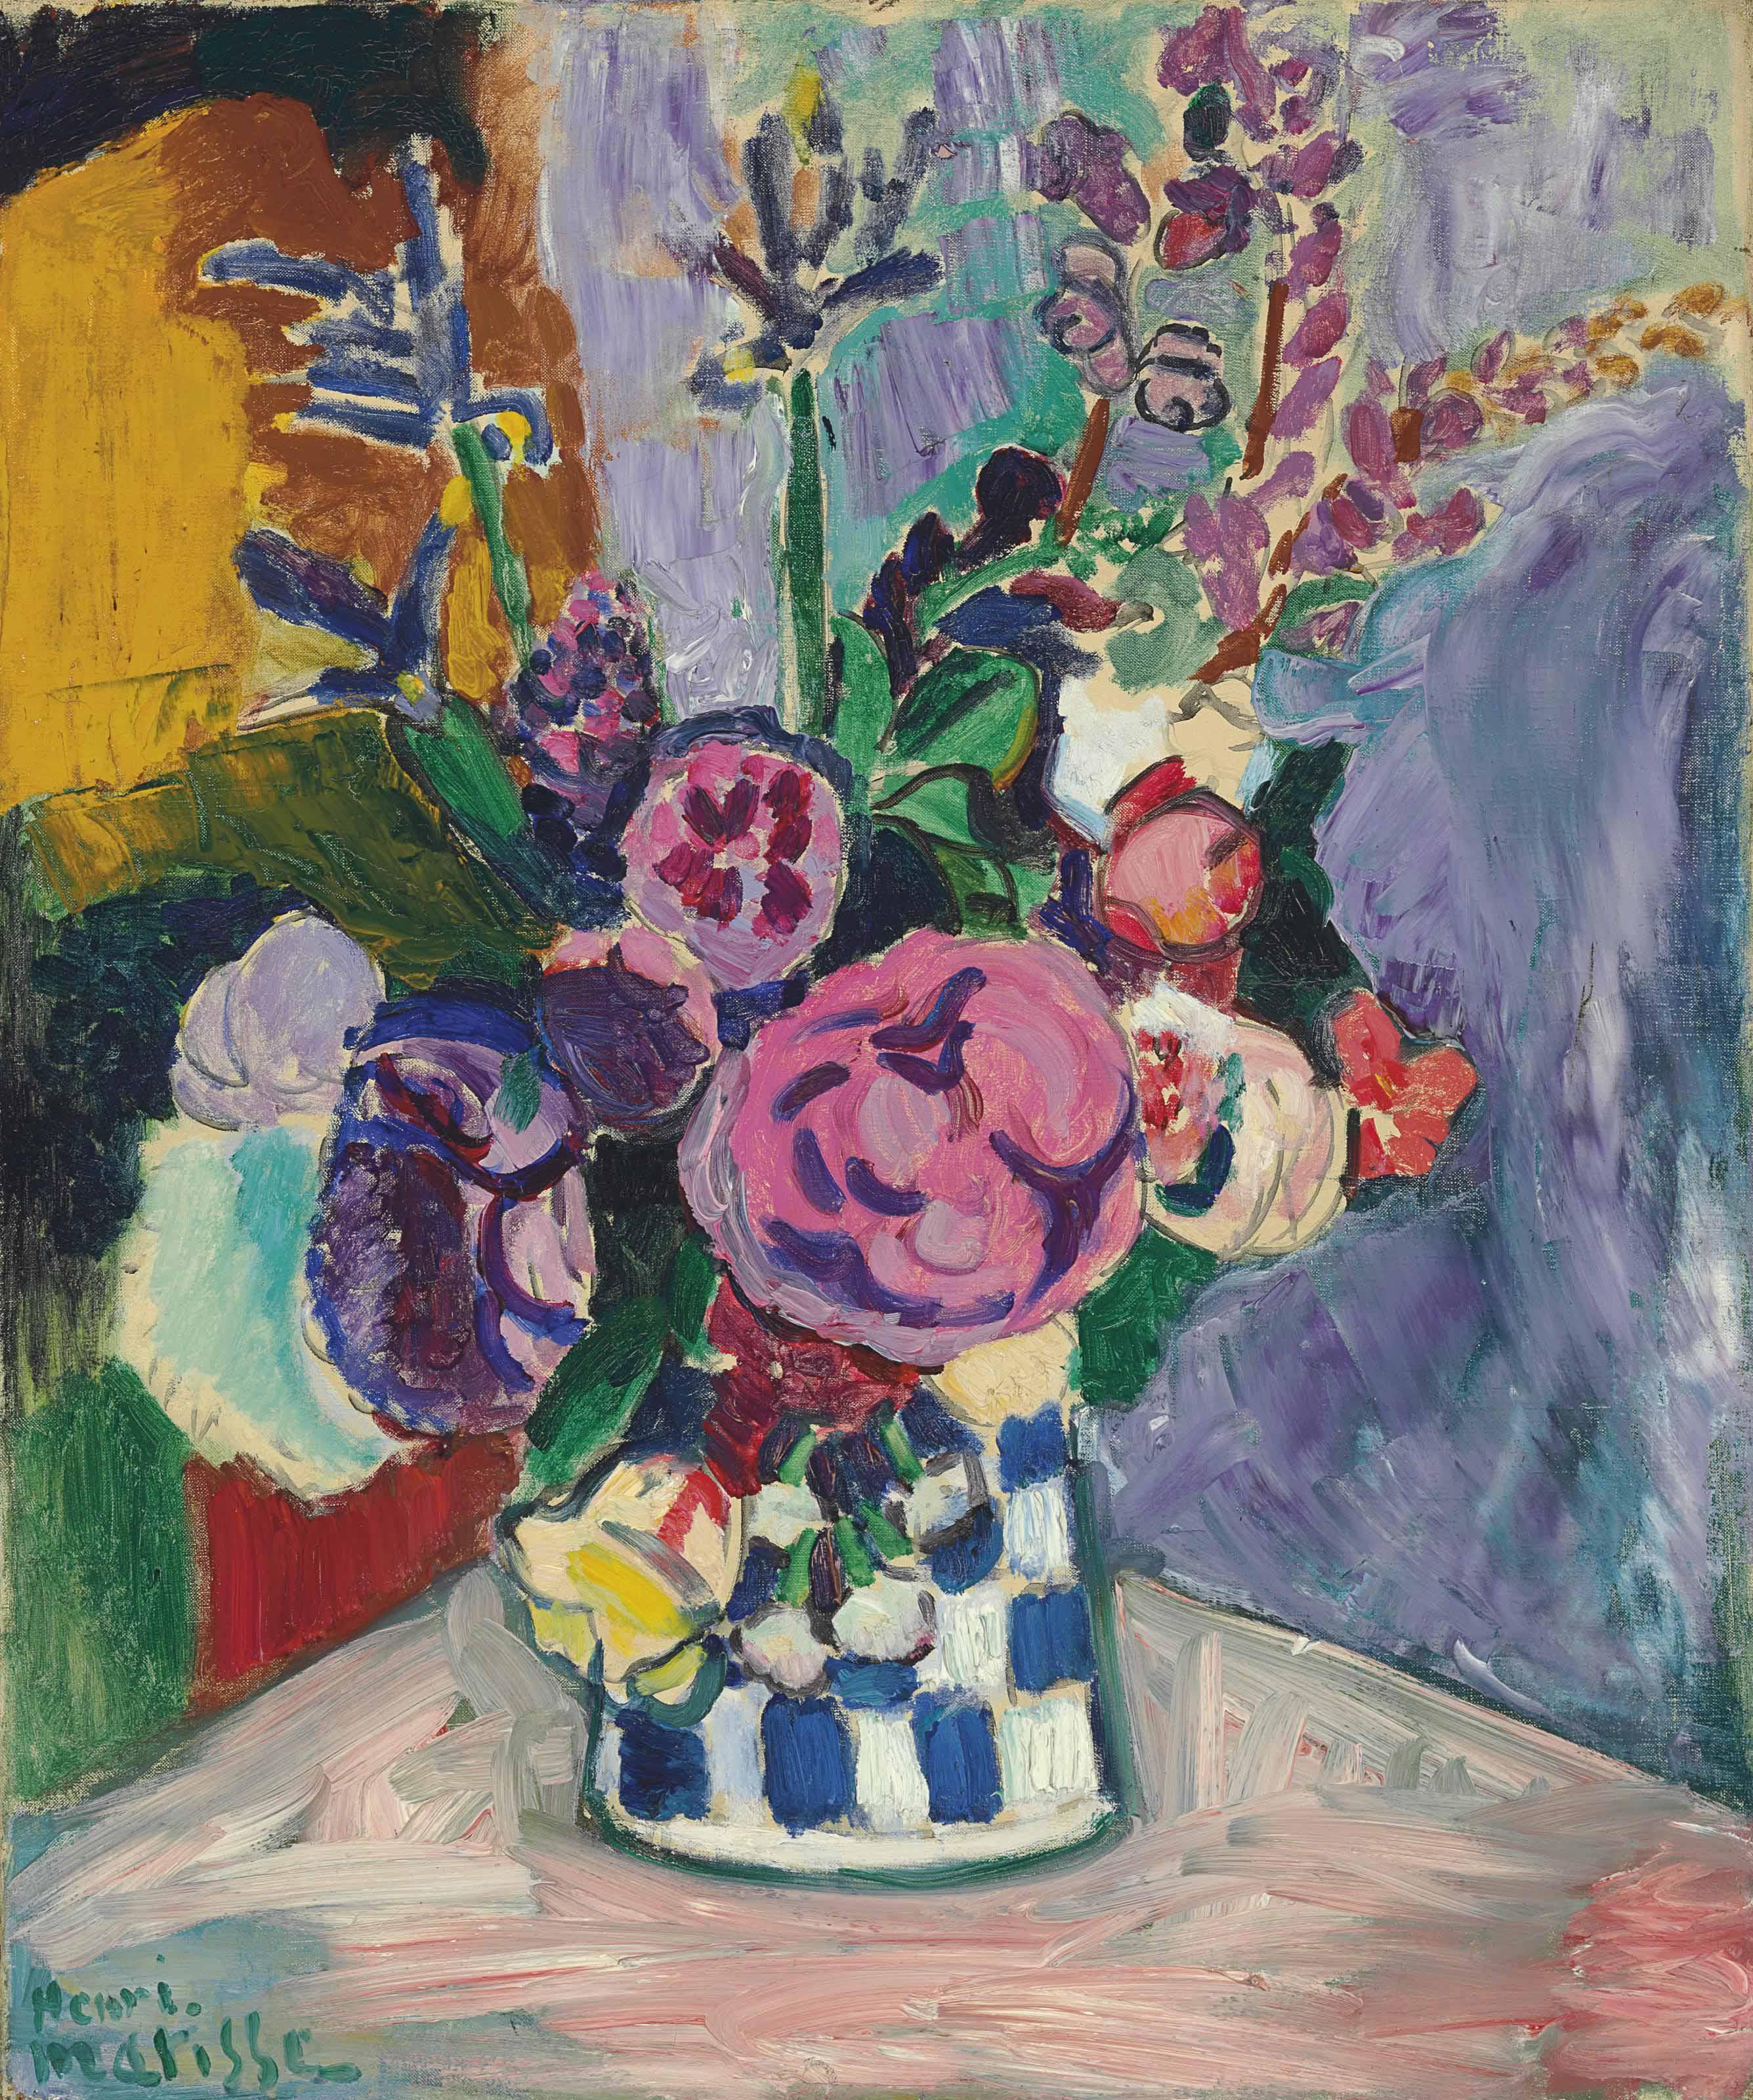 Les Poissons rouges, Henri Matisse, 1911 - huile sur